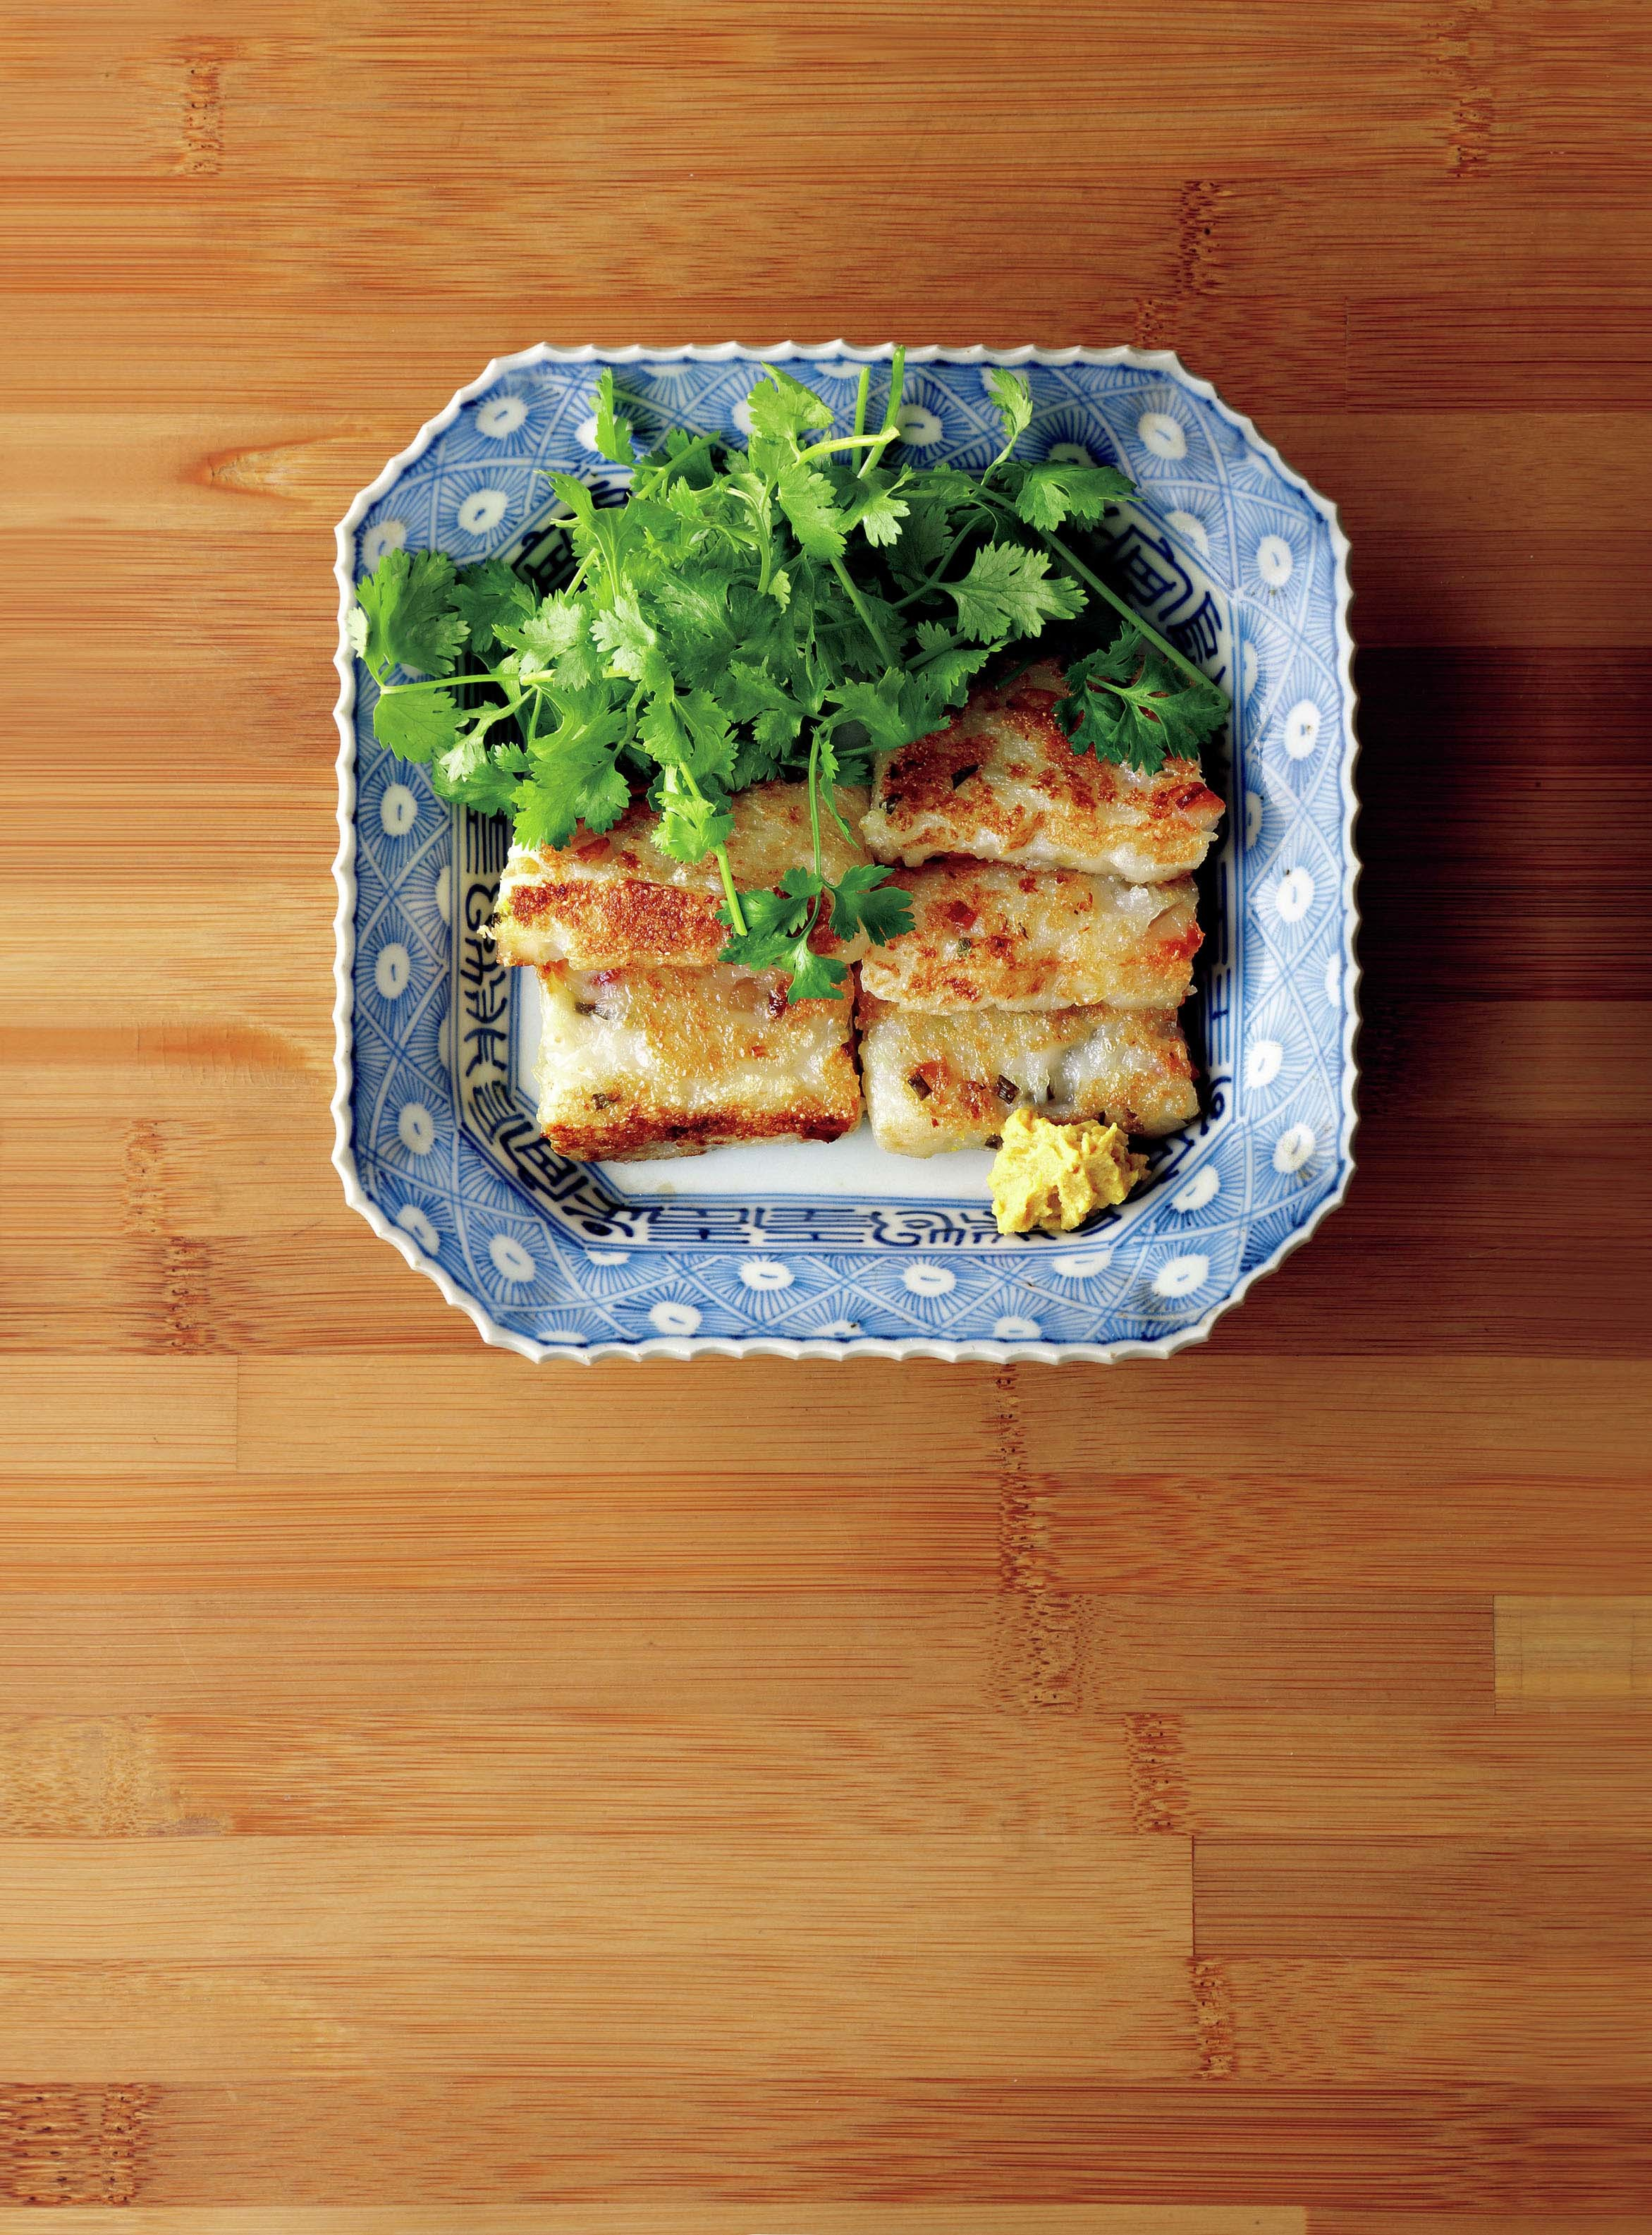 年末年始のおもてなしに役立つ1冊 有元葉子「この2皿さえあれば。」_1_4-2